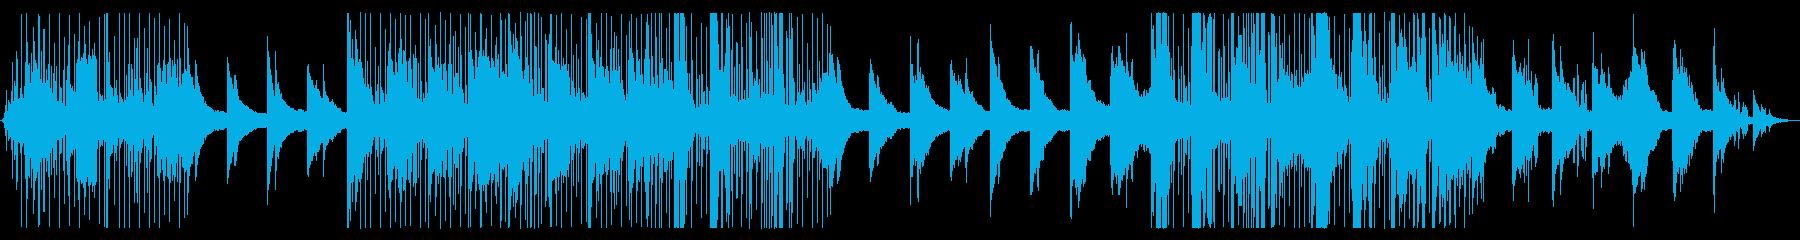 ジャズ寄りのドラムンベースの再生済みの波形